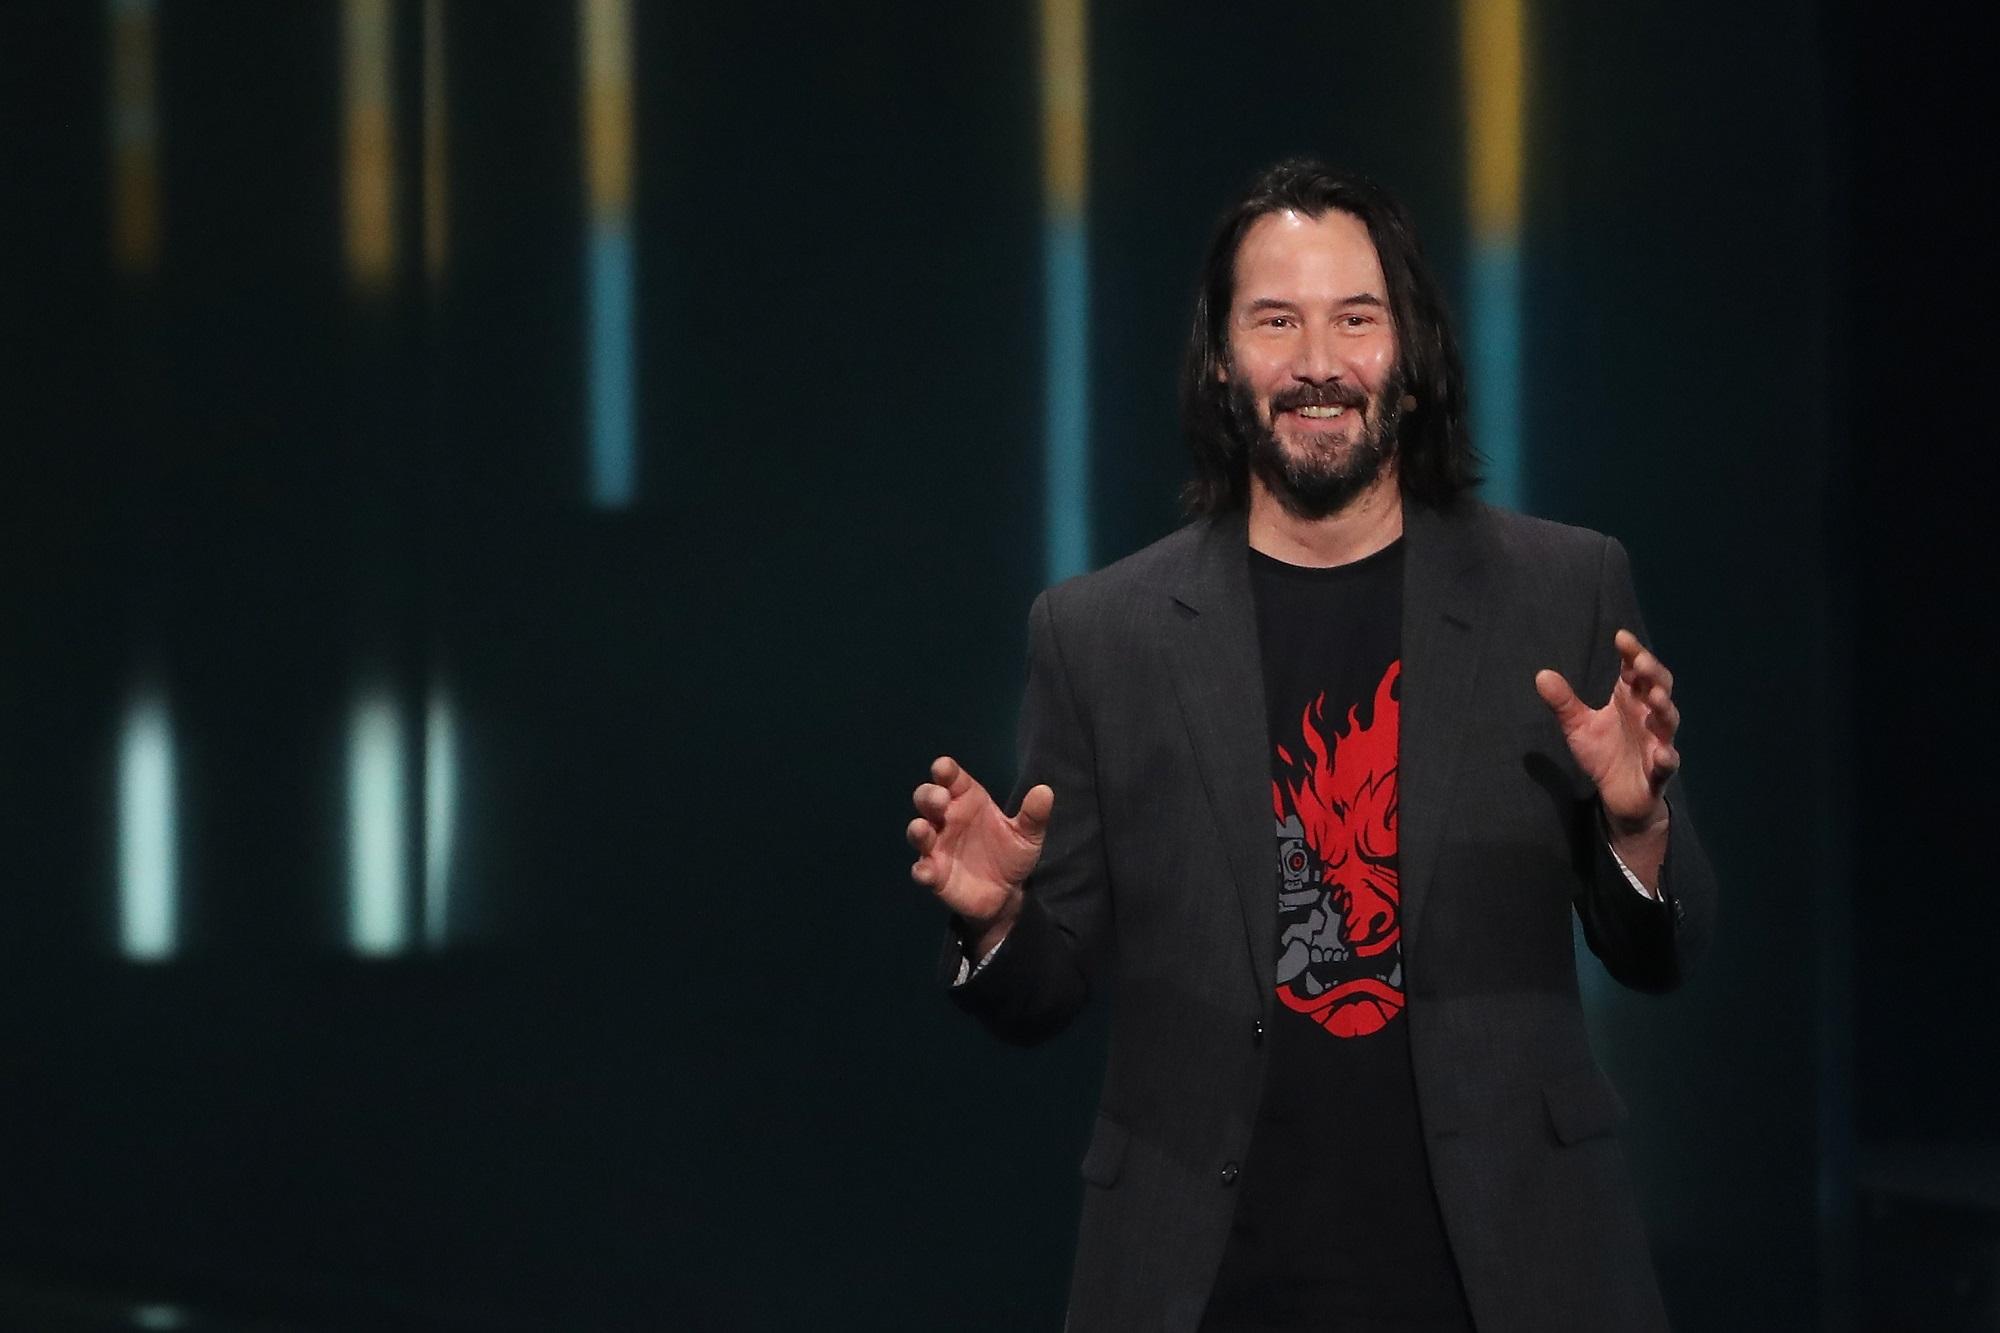 Keanu Reeves speaks about Cyberpunk 2077 by developer CD Projekt Red